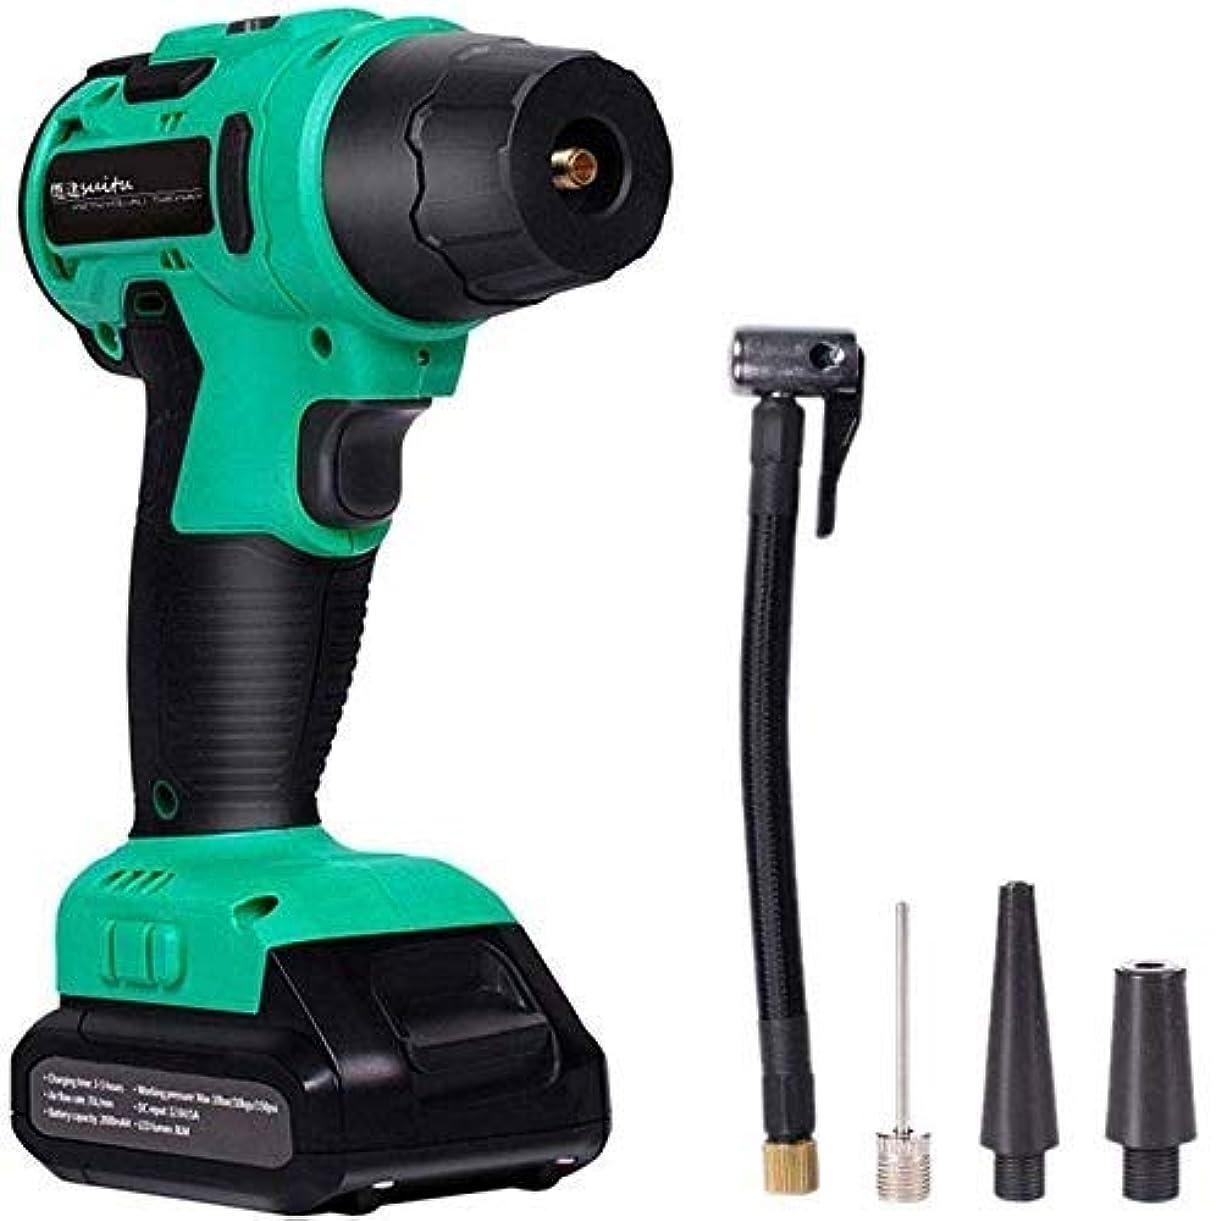 増加すると遊ぶゲートカーワイヤレスエアーポンプ、ポータブルハンドヘルドスマート圧力測定デジタル自動車ポンプ、LEDバックライトデジタルディスプレイ,グリーン